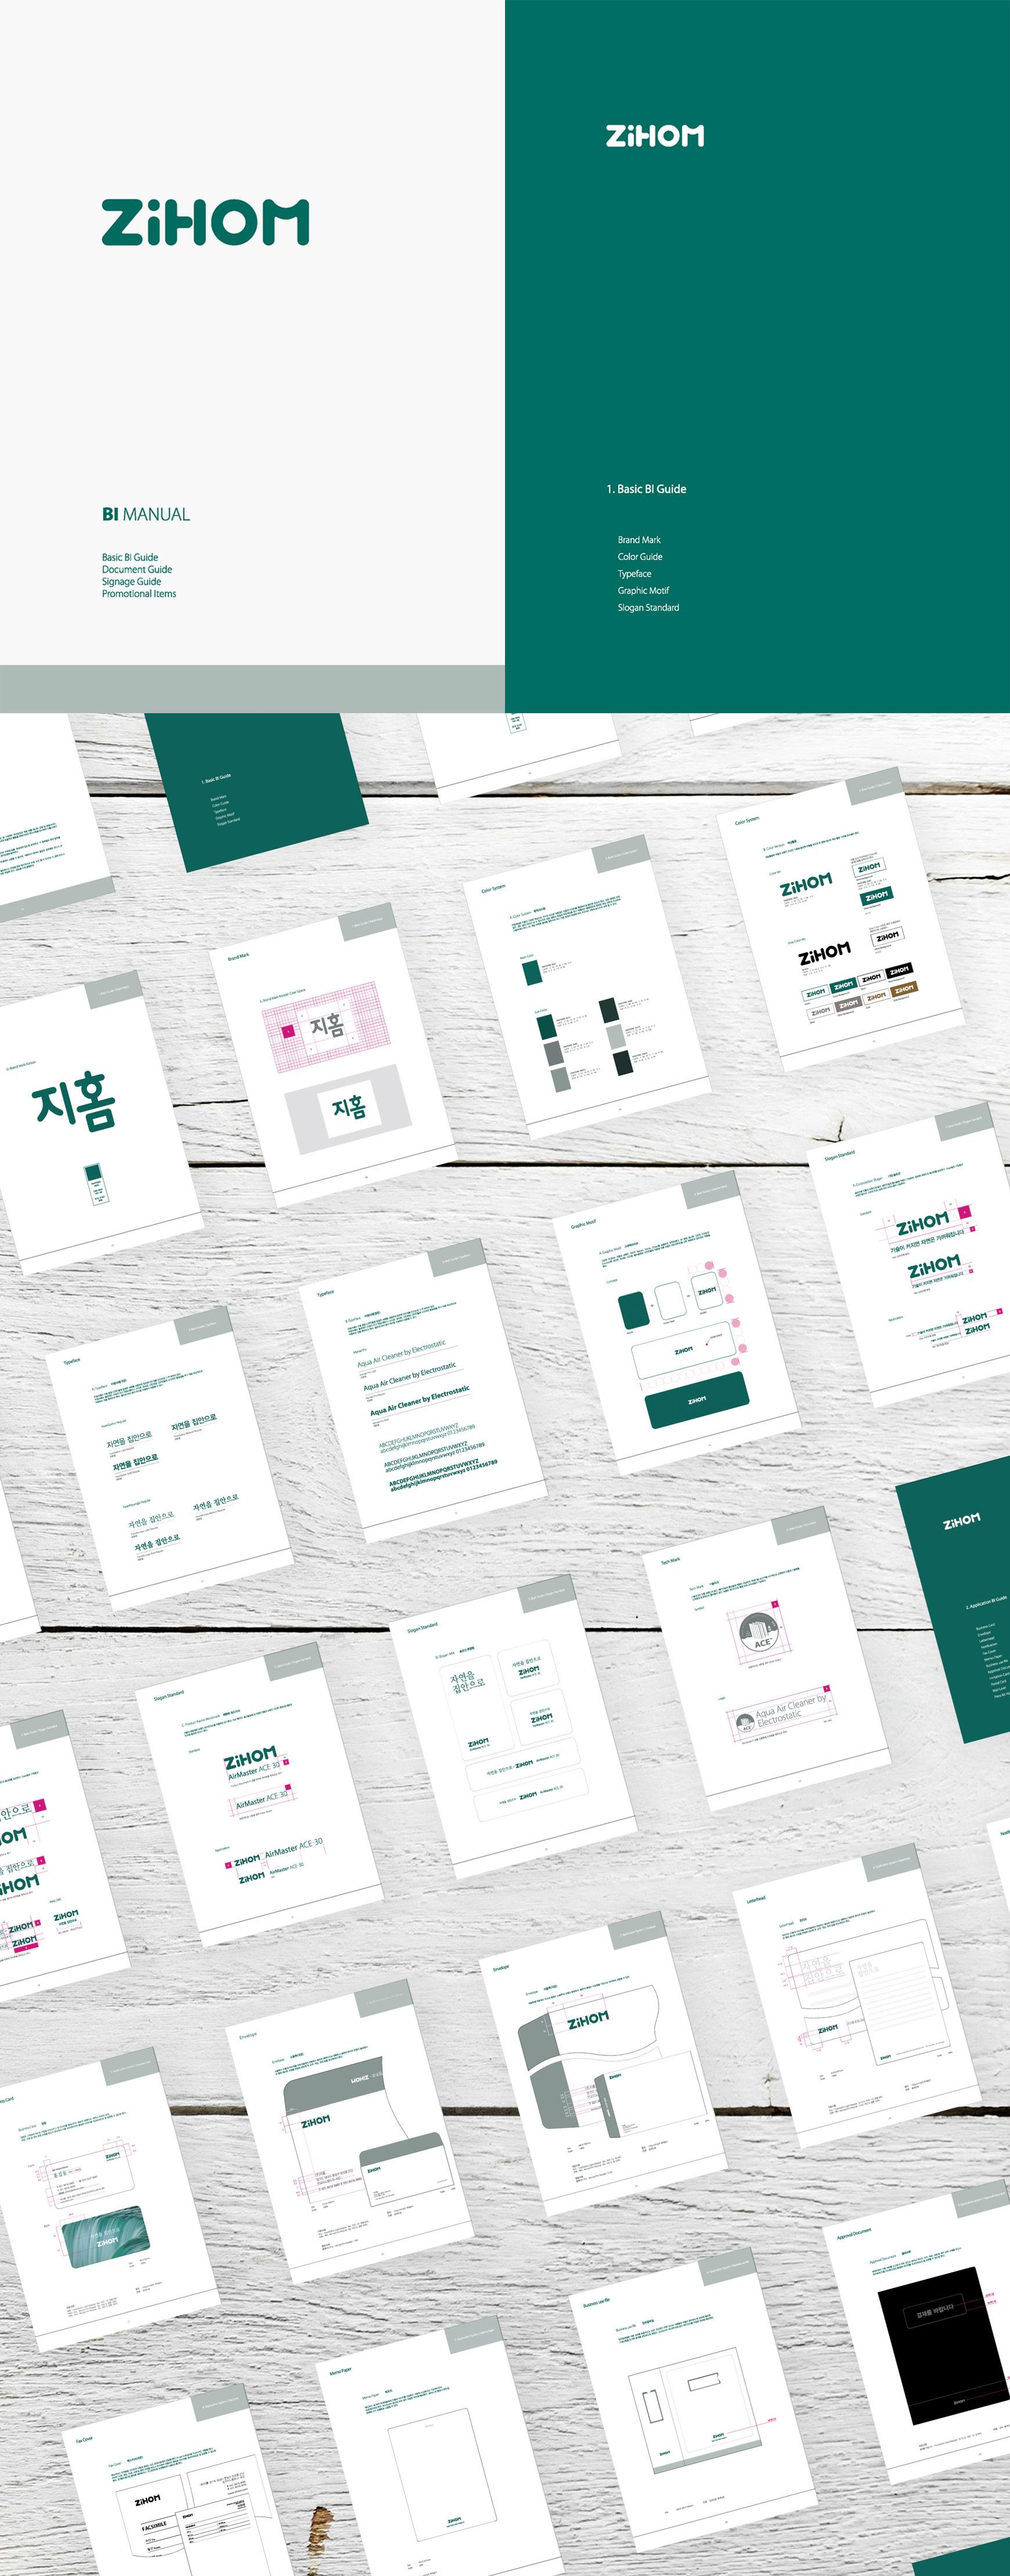 HSUXD - ZIHOM Brand Manual